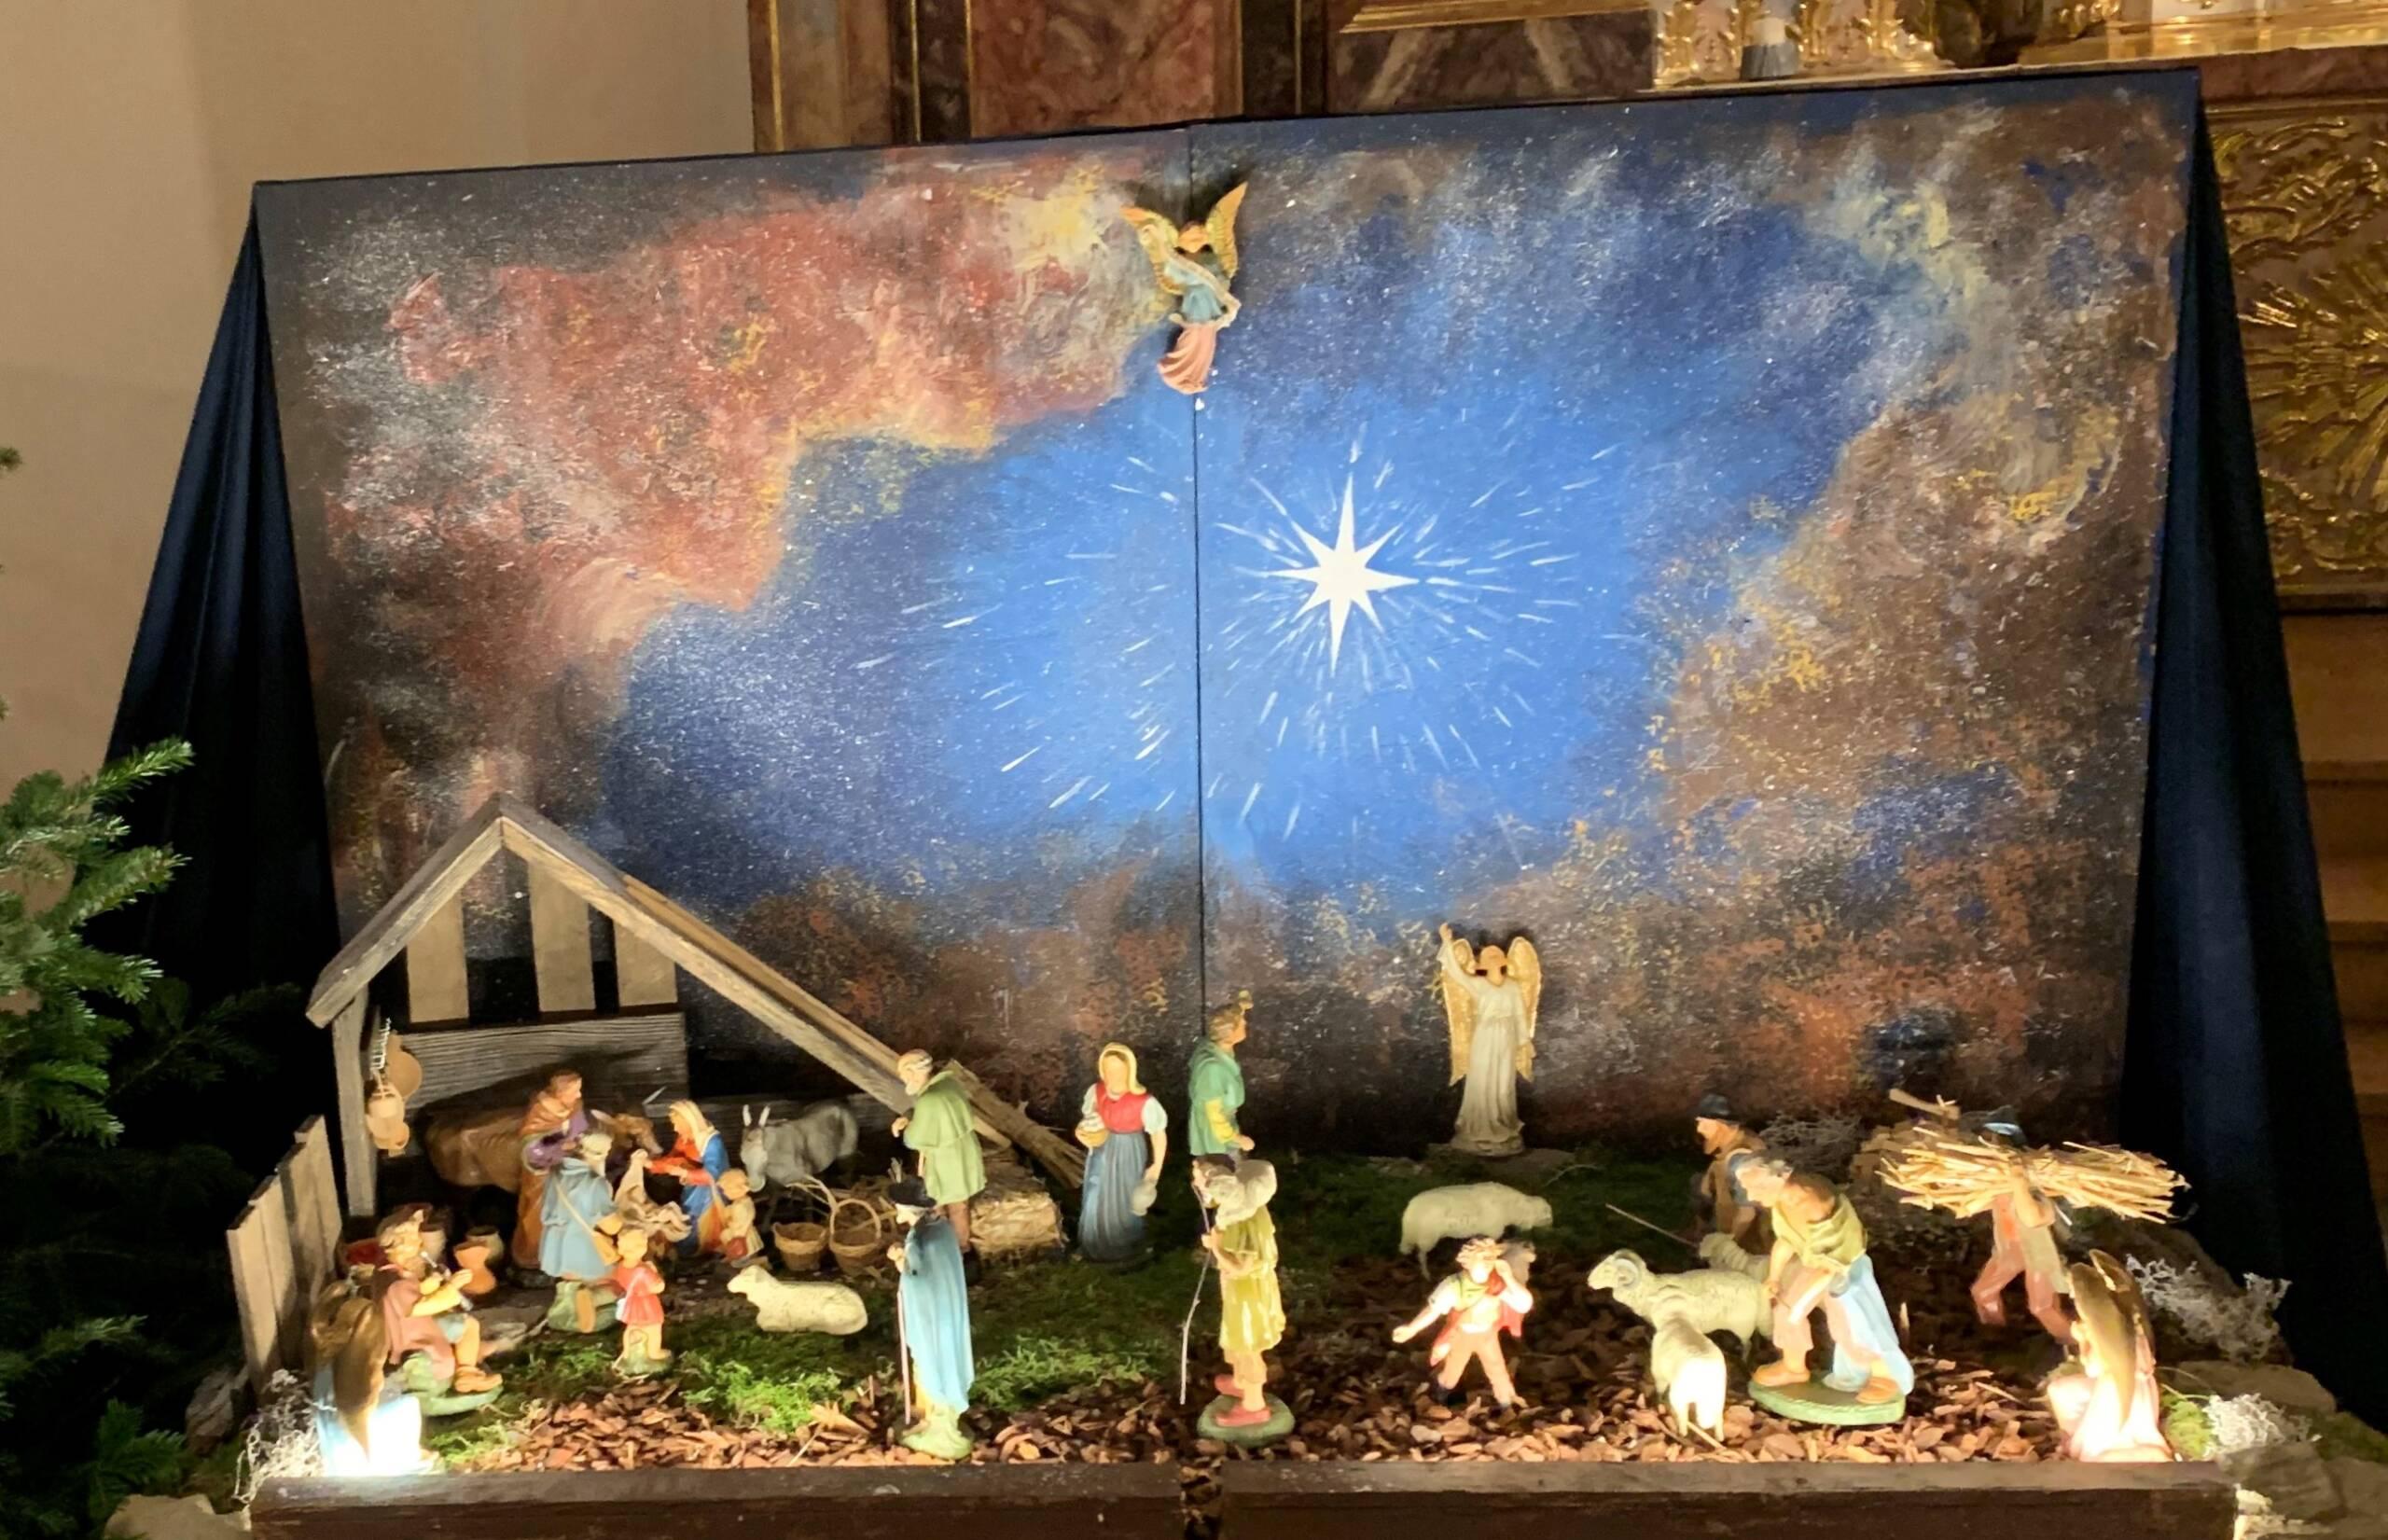 Das Bild zeigt eine Eine Weihnachtskrippe ist eine Darstellung der Geburt Christi aus der Weihnachtsgeschichte oder anderer Szenen aus dem Leben Jesu Christi mit Figuren in einer Modelllandschaft, die einen Ort bei Betlehem symbolisiert.